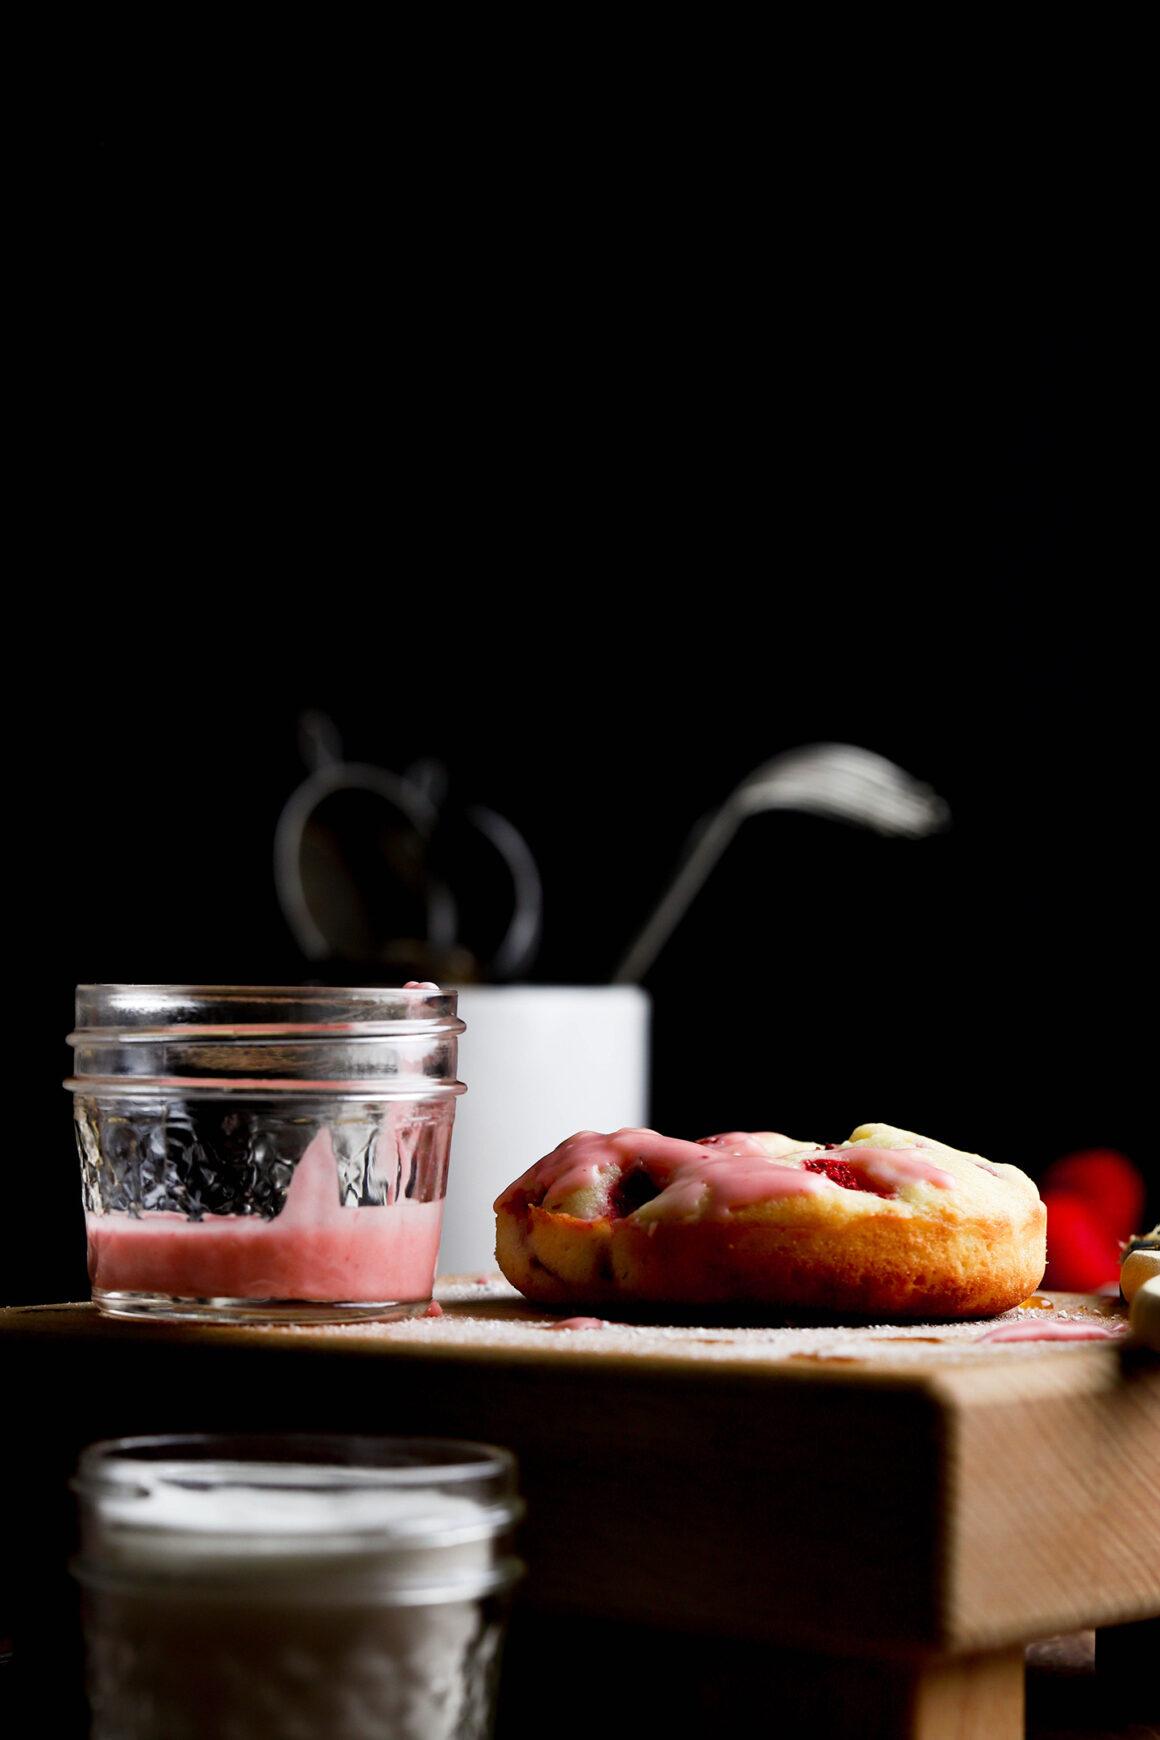 strawberry doughnut with strawberry glaze